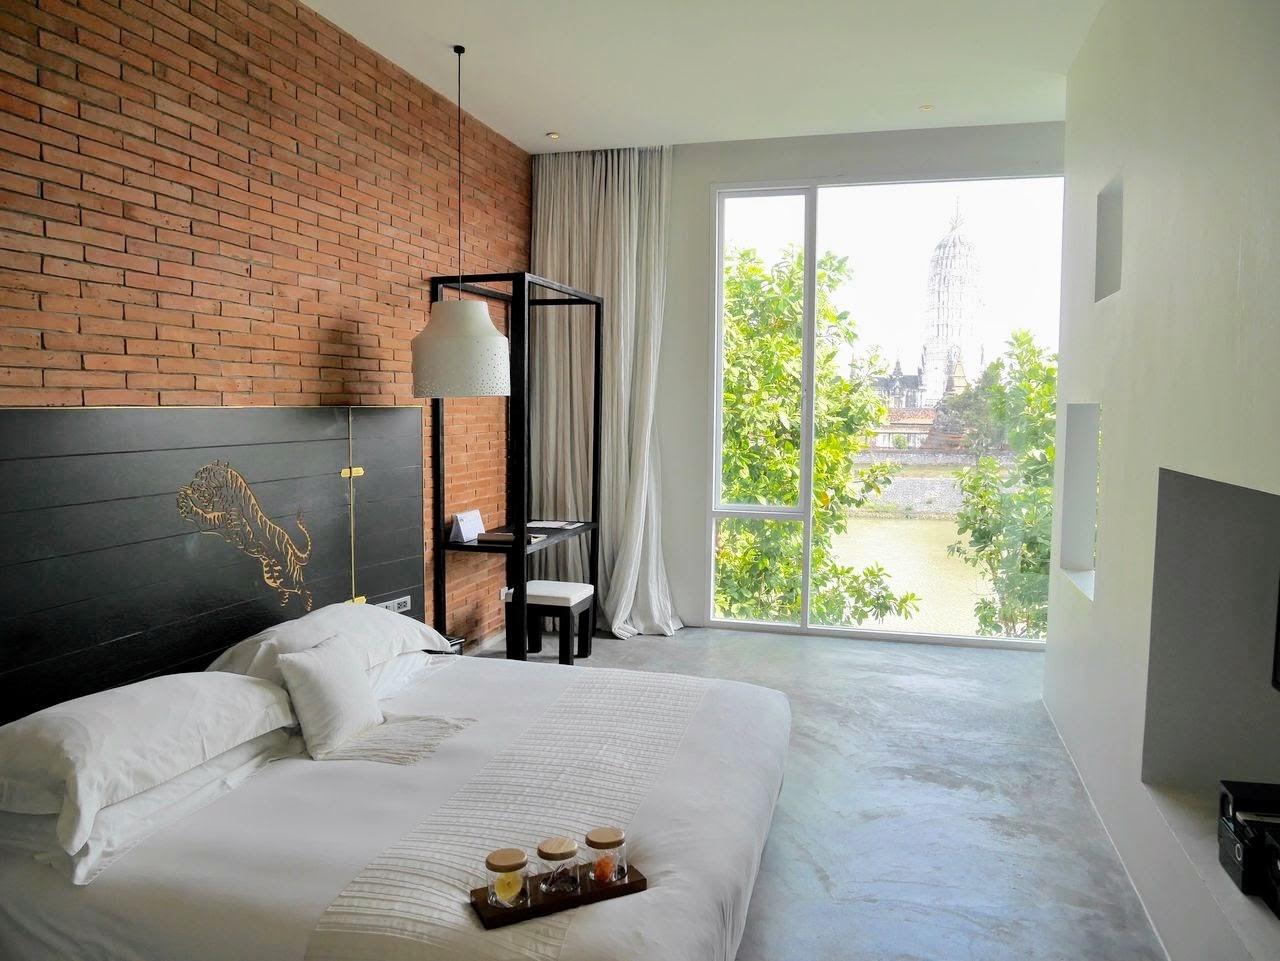 部屋からアユタヤ遺跡が見える絶景ホテル、sala ayutthaya(サラ アユタヤ)